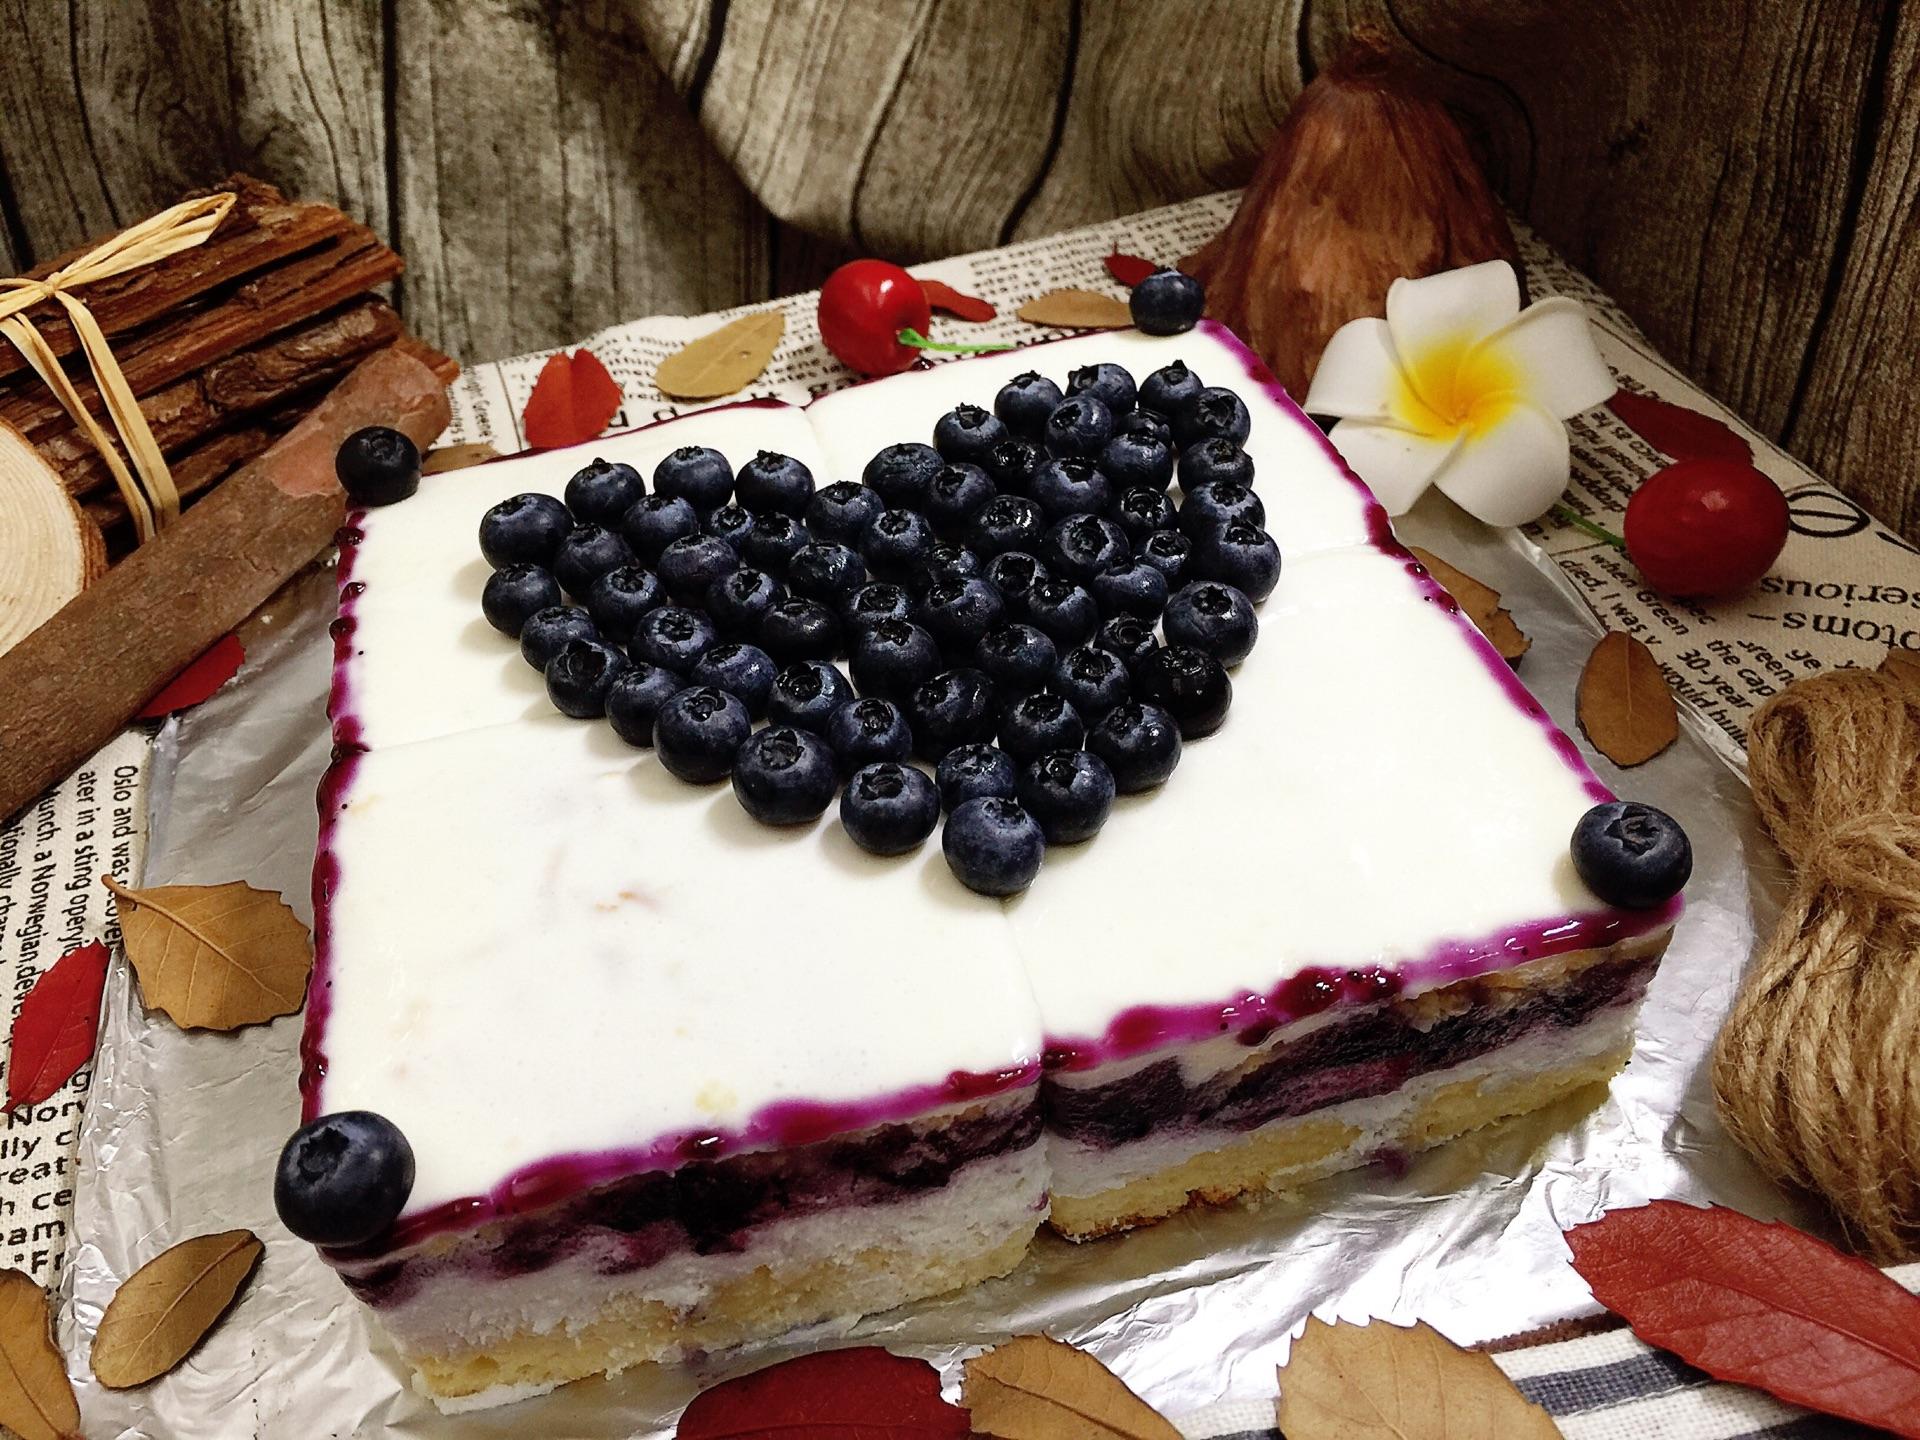 蓝莓慕斯蛋糕的做法图解42